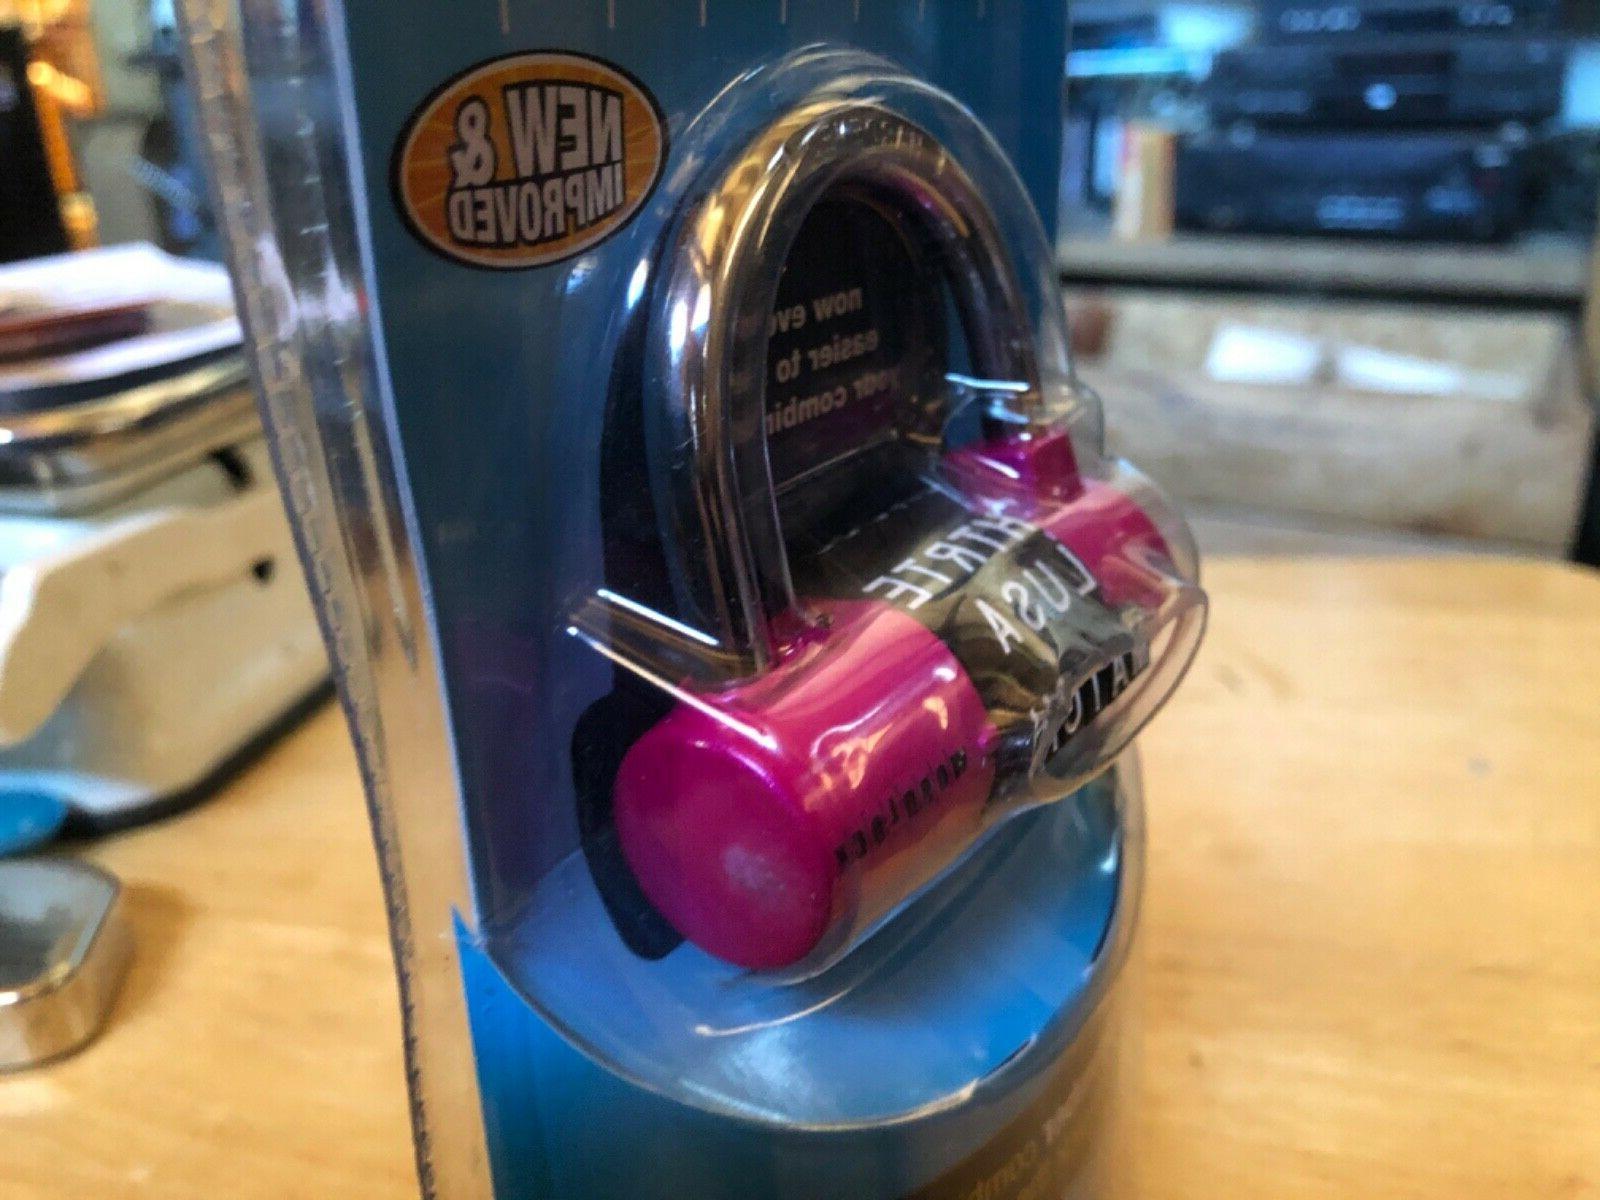 Wordlock Combination Padlock 5 Dial,